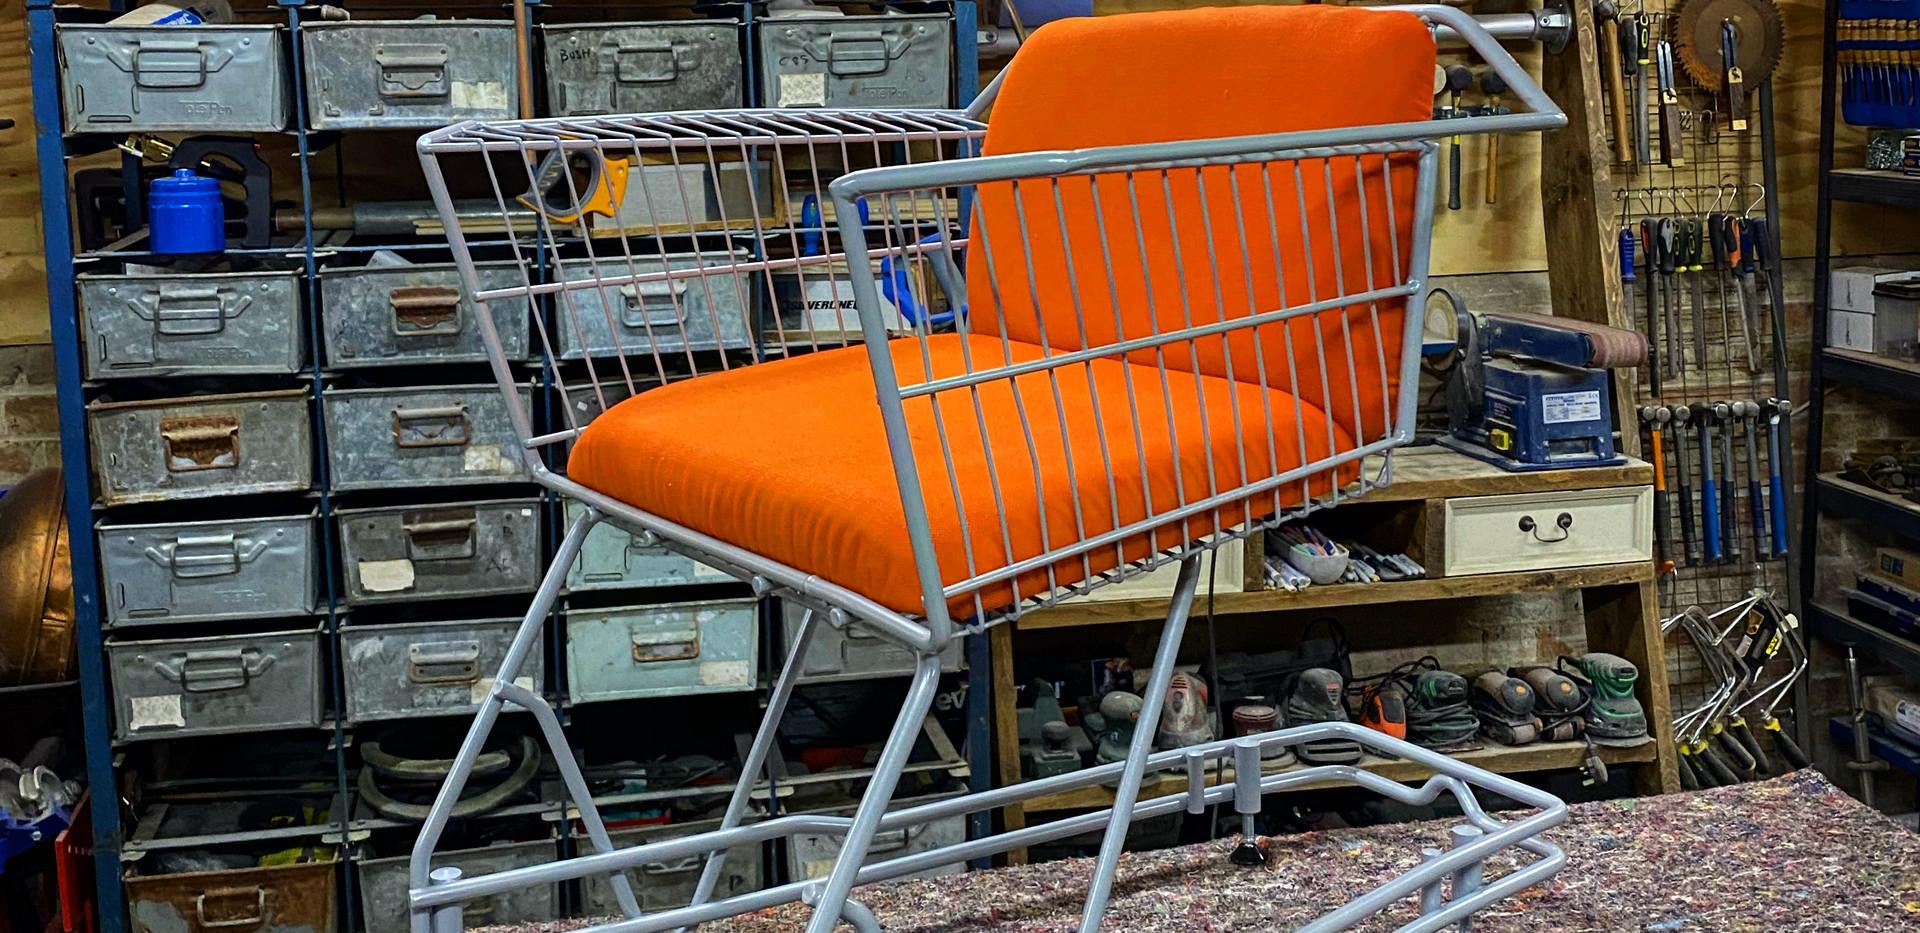 Max McMurdo - The Shopping Trolley Chair